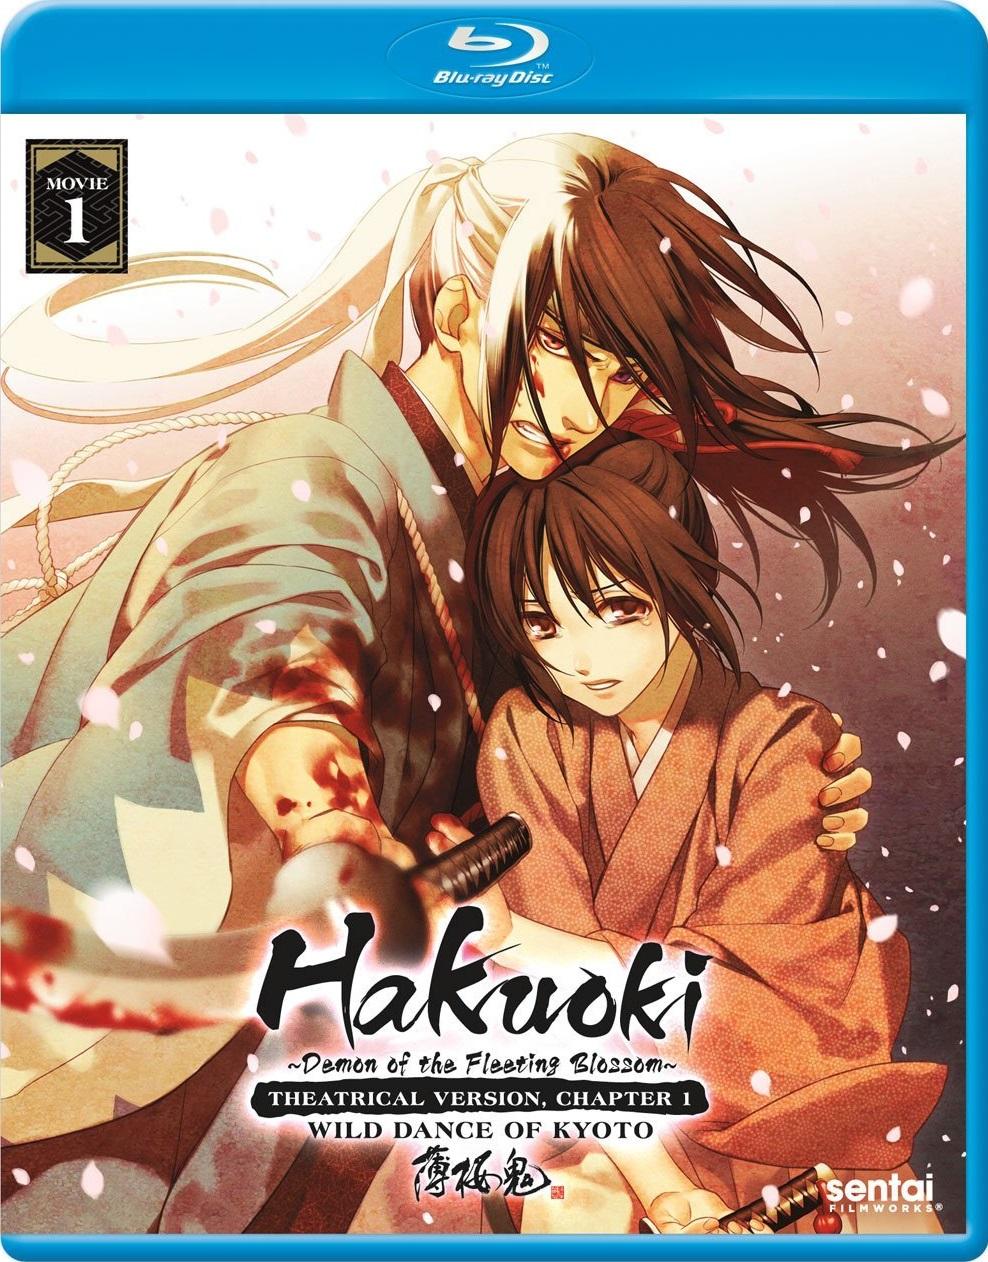 hakuoki-movie-1-box-art